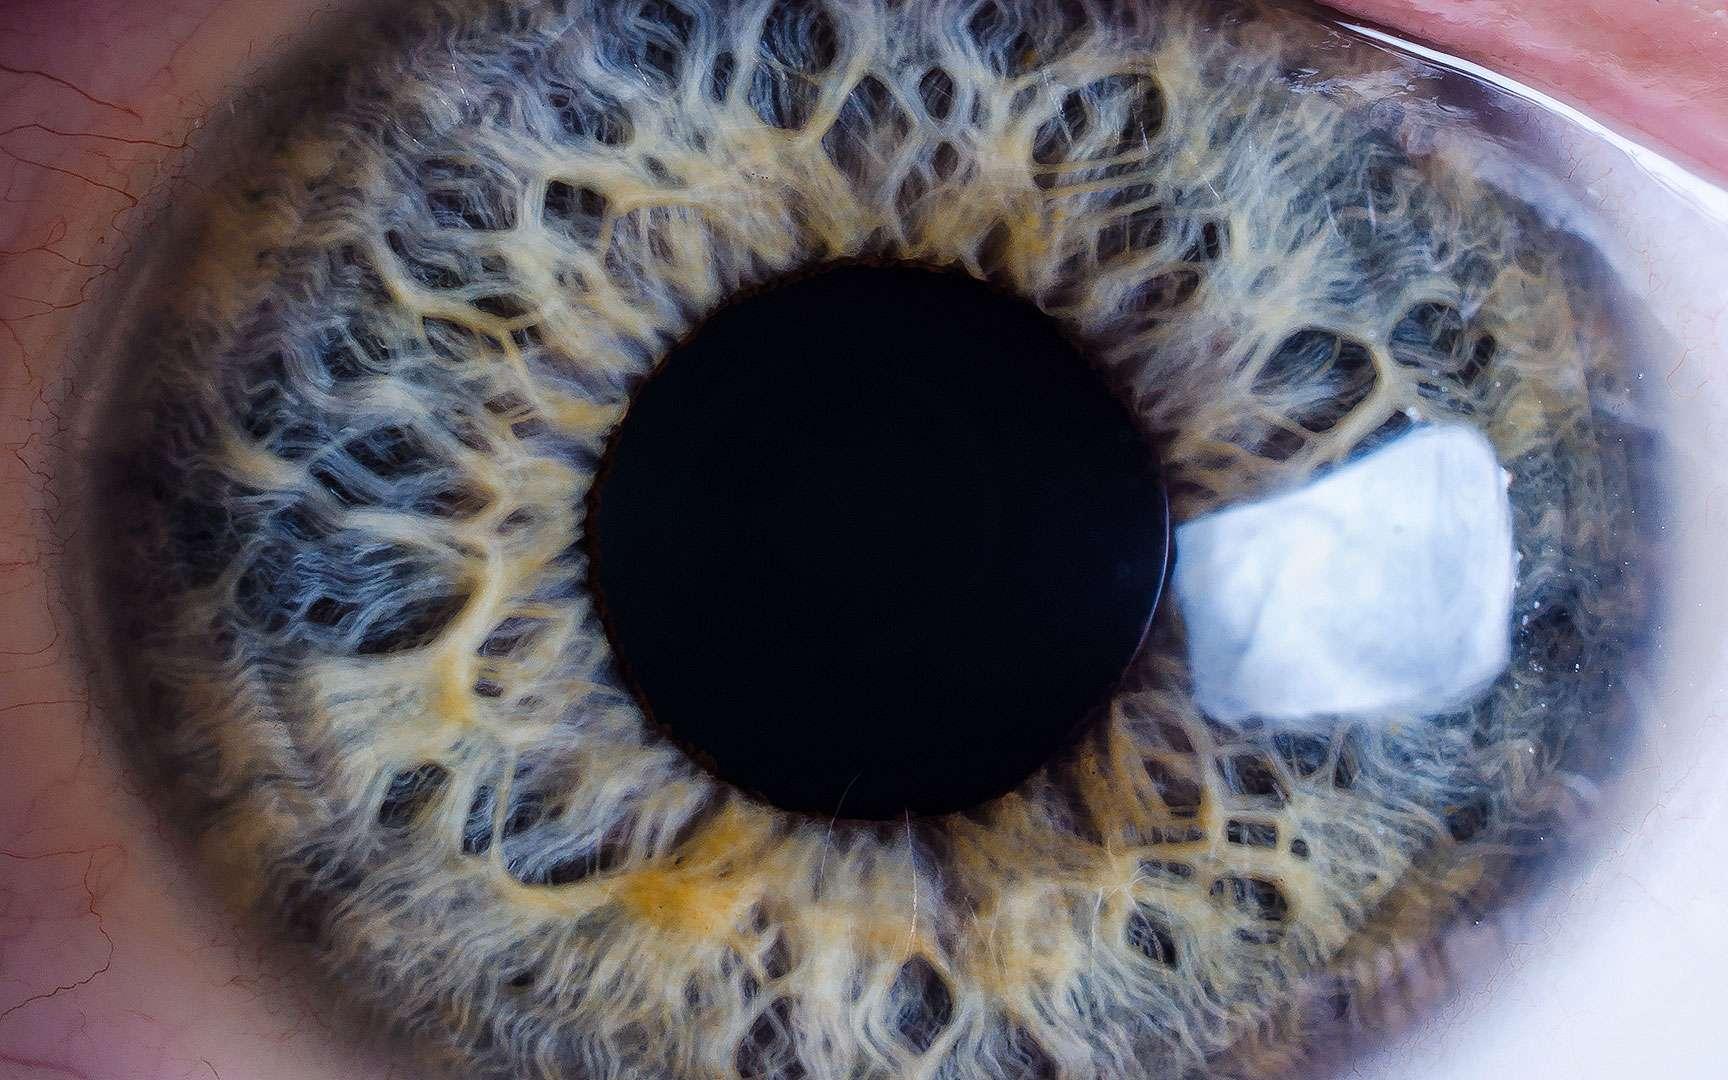 L'iris est la zone colorée de l'œil, visible à l'avant. Il s'agit en fait de la partie antérieure de la tunique vasculaire (choroïde). L'iris possède une ouverture en son centre : la pupille, ronde, qui laisse passer la lumière. Le diamètre de la pupille peut varier, laissant plus ou moins entrer la lumière, en fonction de la luminosité ambiante. L'iris contient un pigment brun plus ou moins abondant. © Mattis2412, CC by-sa 3.0